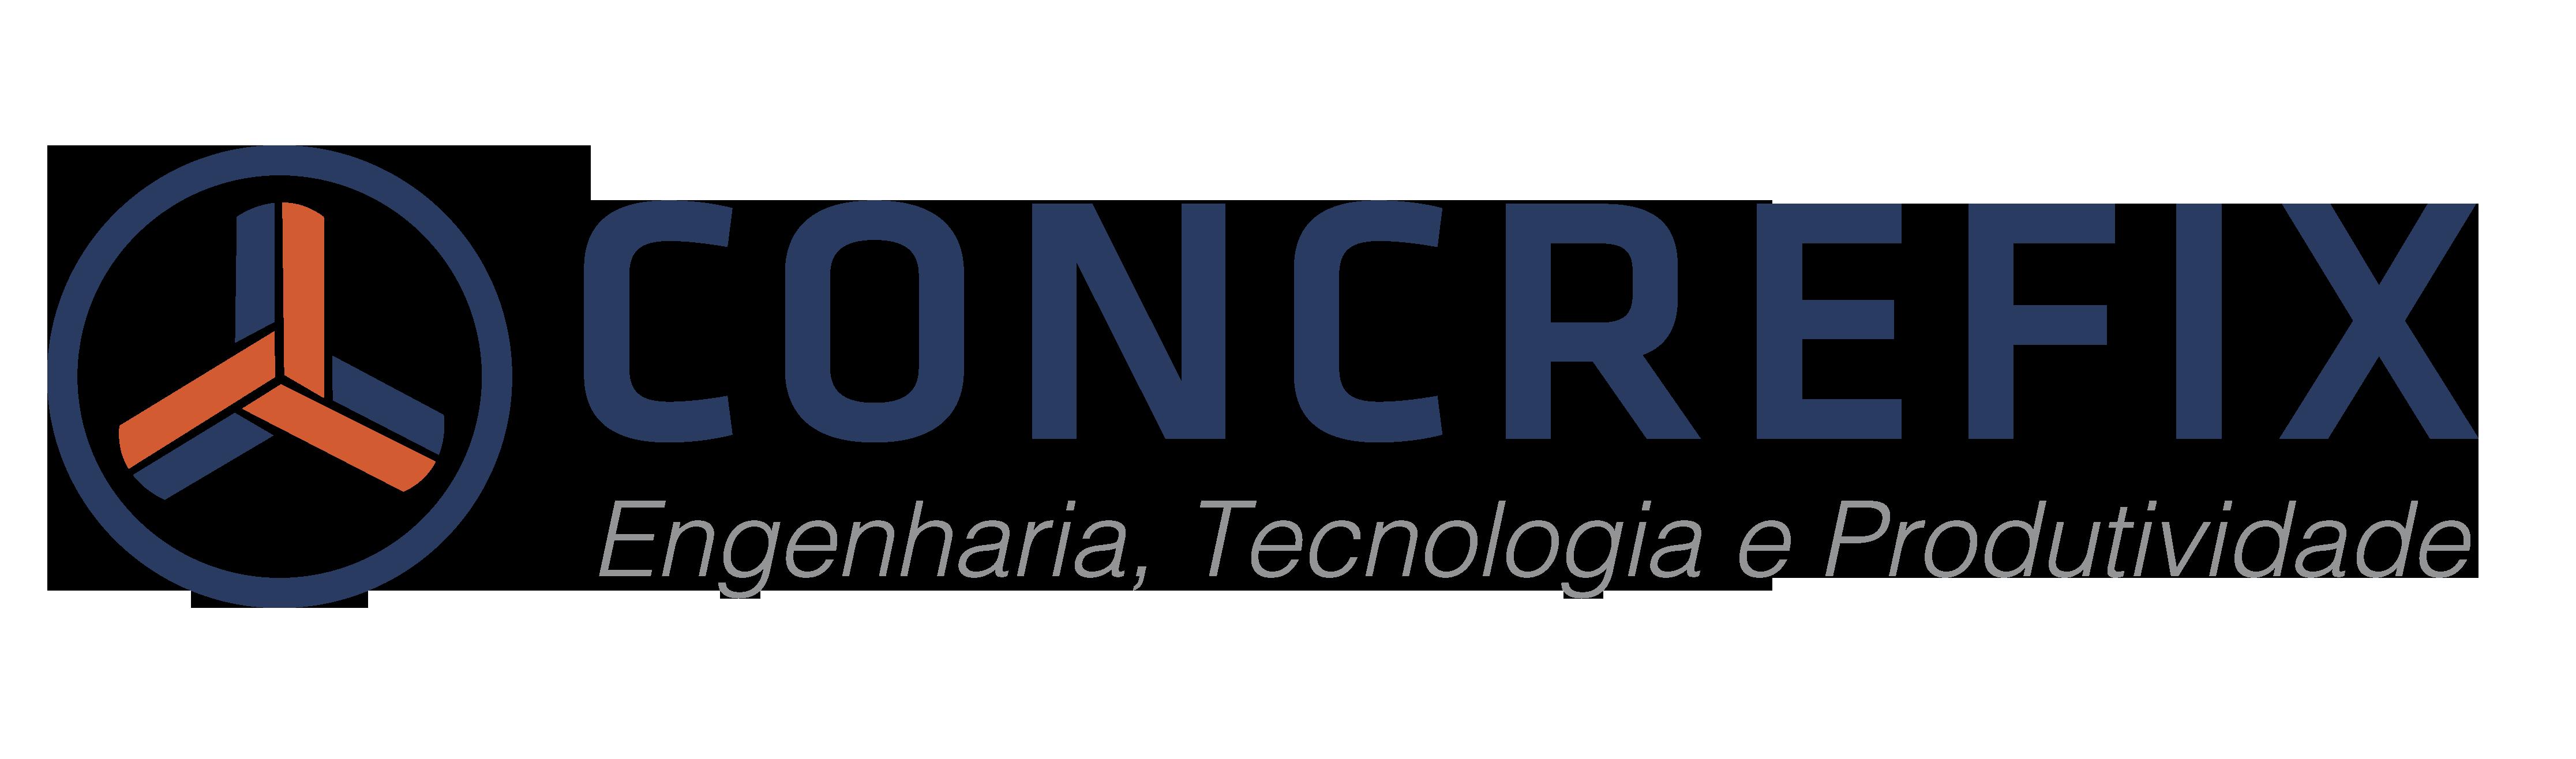 Engenharia, Tecnologia e Produtividade - CONCREFIX